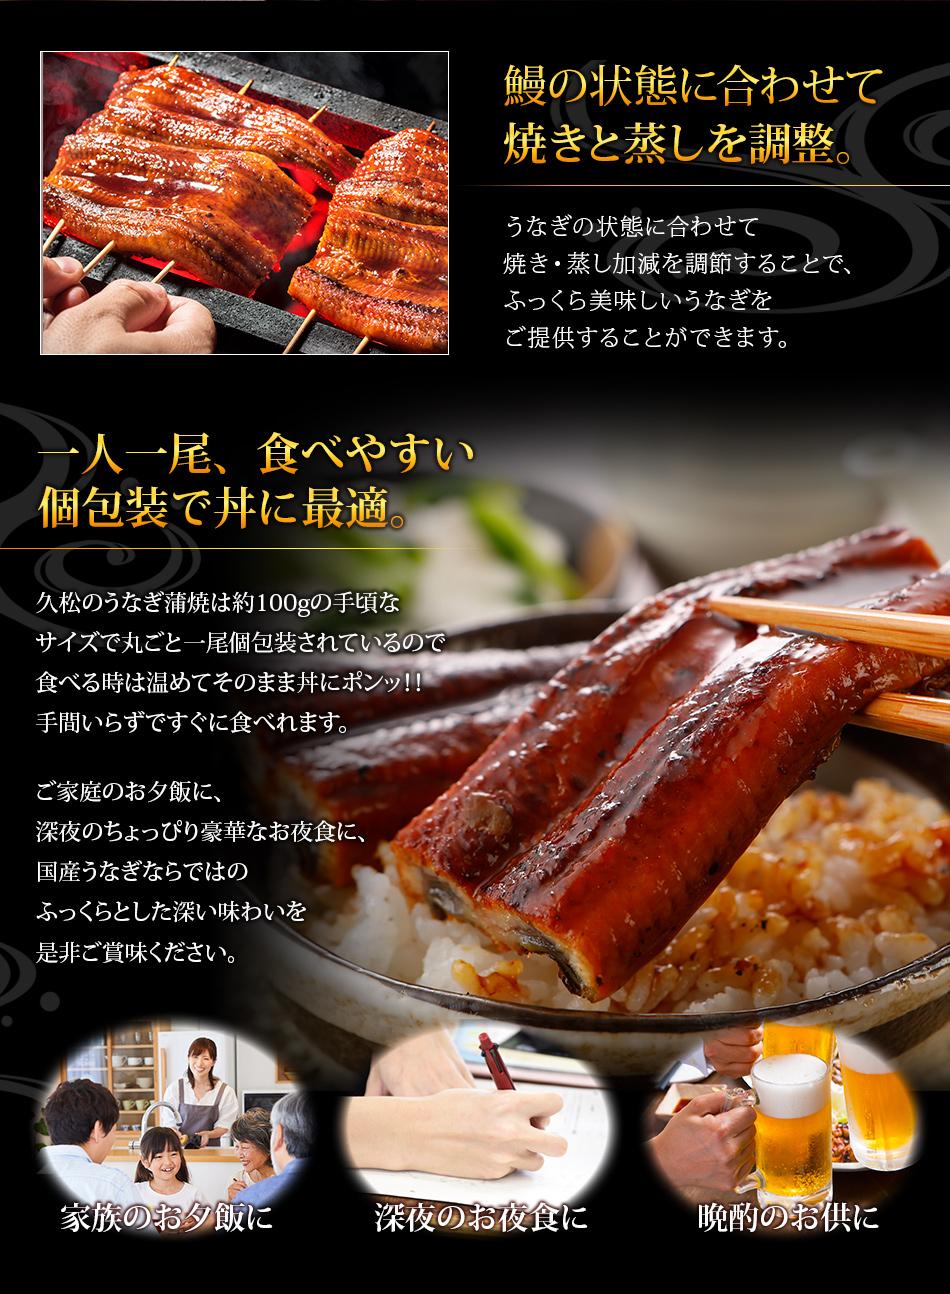 鰻の状態に合わせて焼きと蒸しを調整。一人一尾、食べやすい個包装で丼に最適